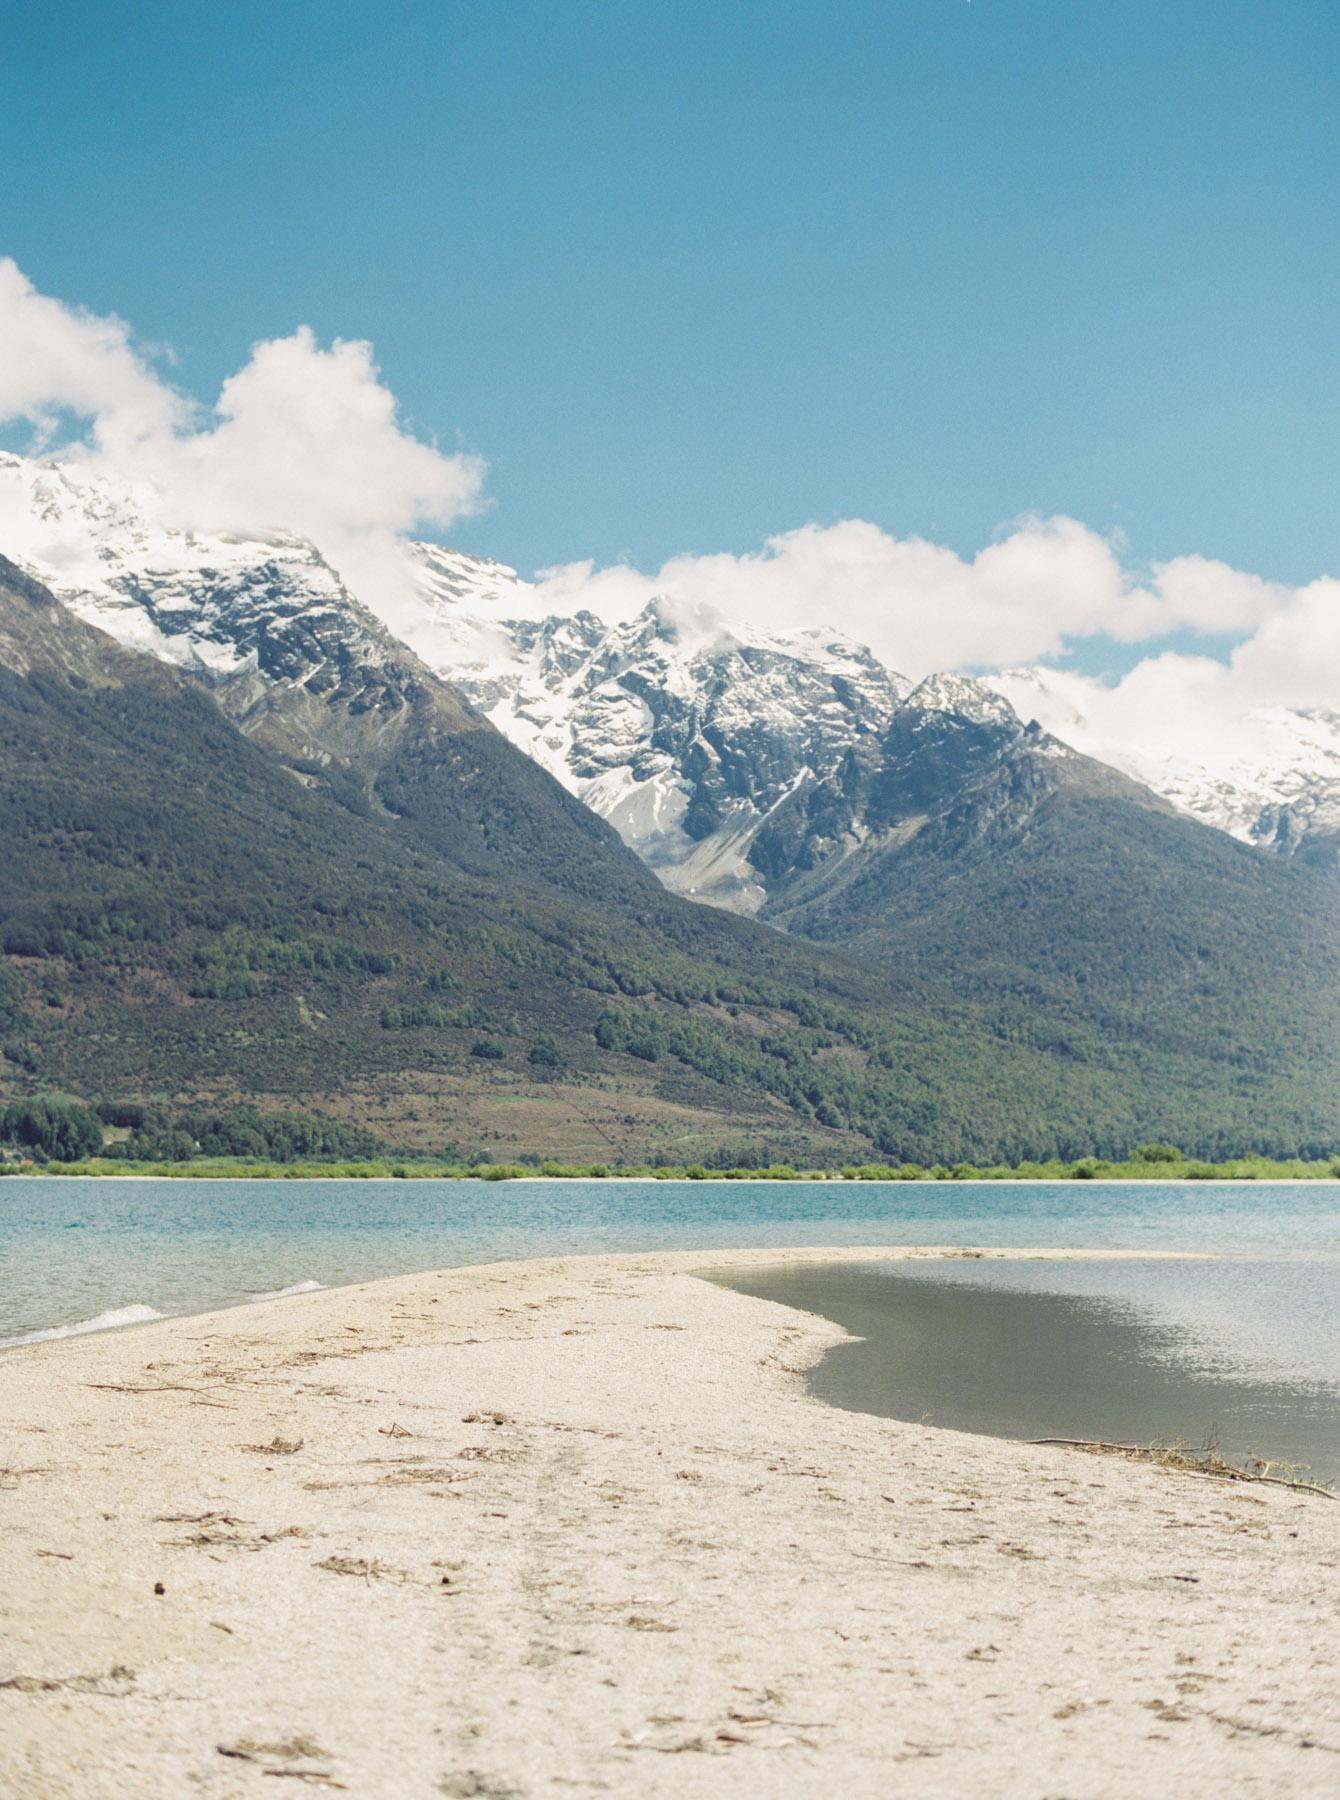 紐西蘭風景之美-Tekapo-蒂卡波